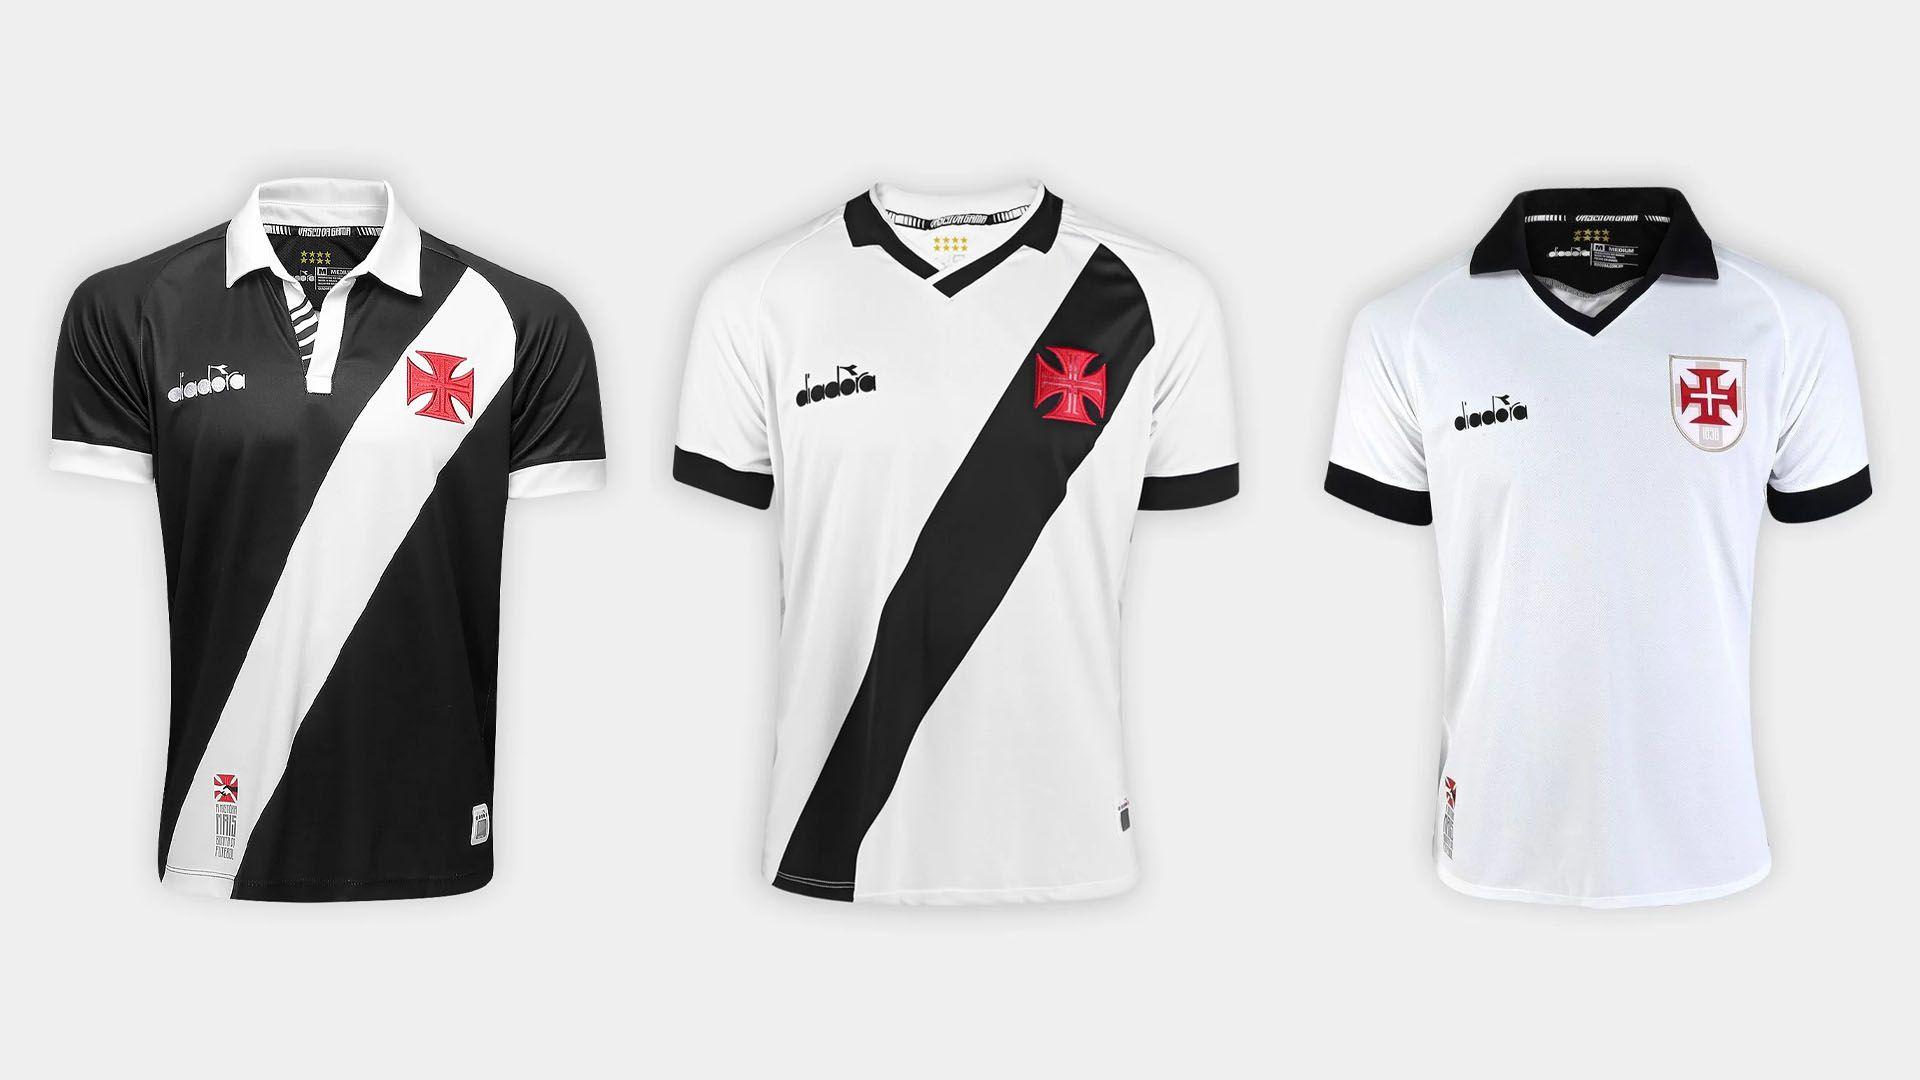 Camisa do Vasco 2019 Diadora Jogo 3 (Imagem: Divulgação/Diadora)